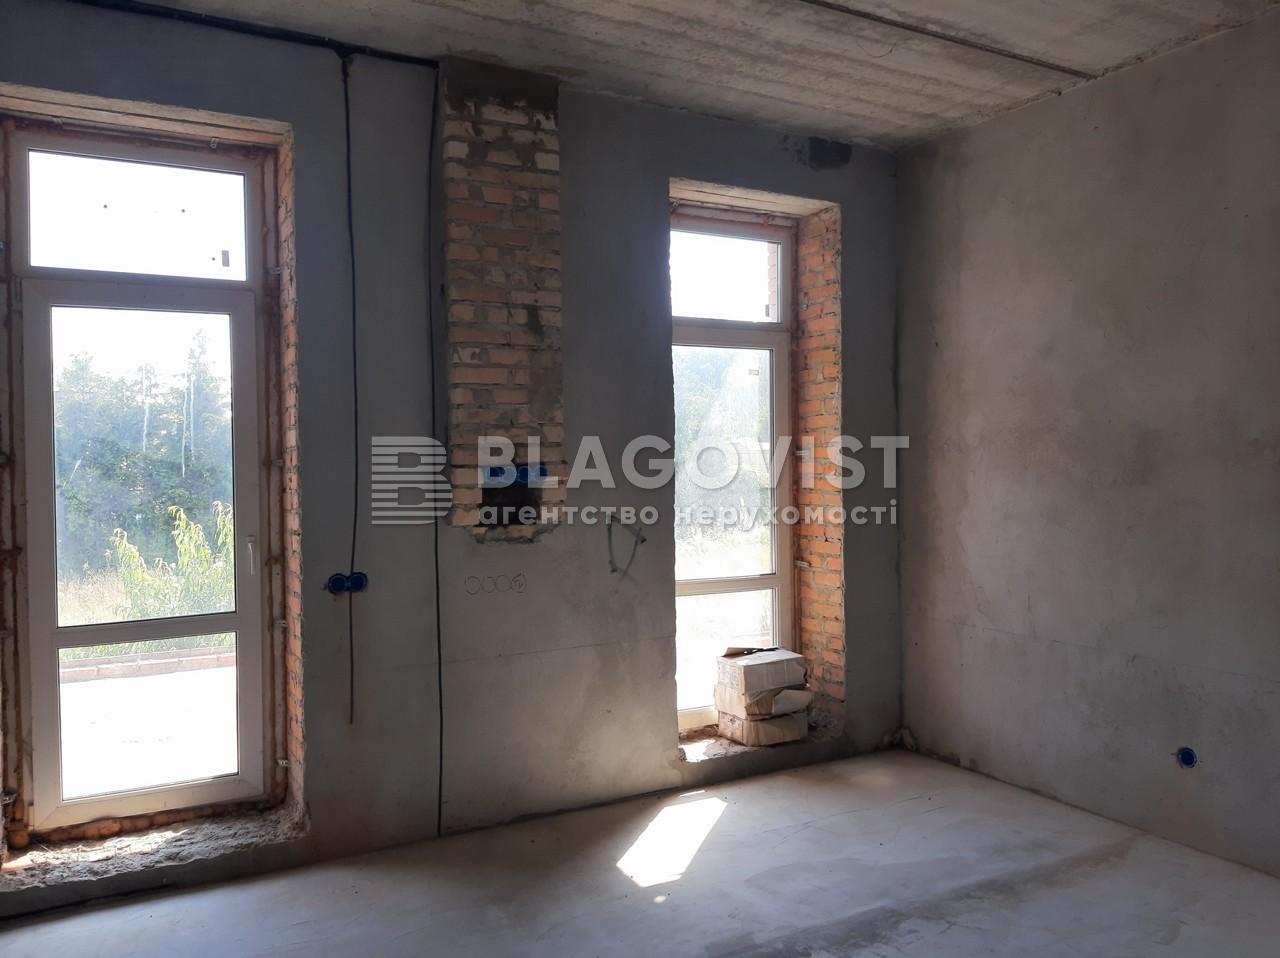 Дом R-10406, Набережная, Вишенки - Фото 2